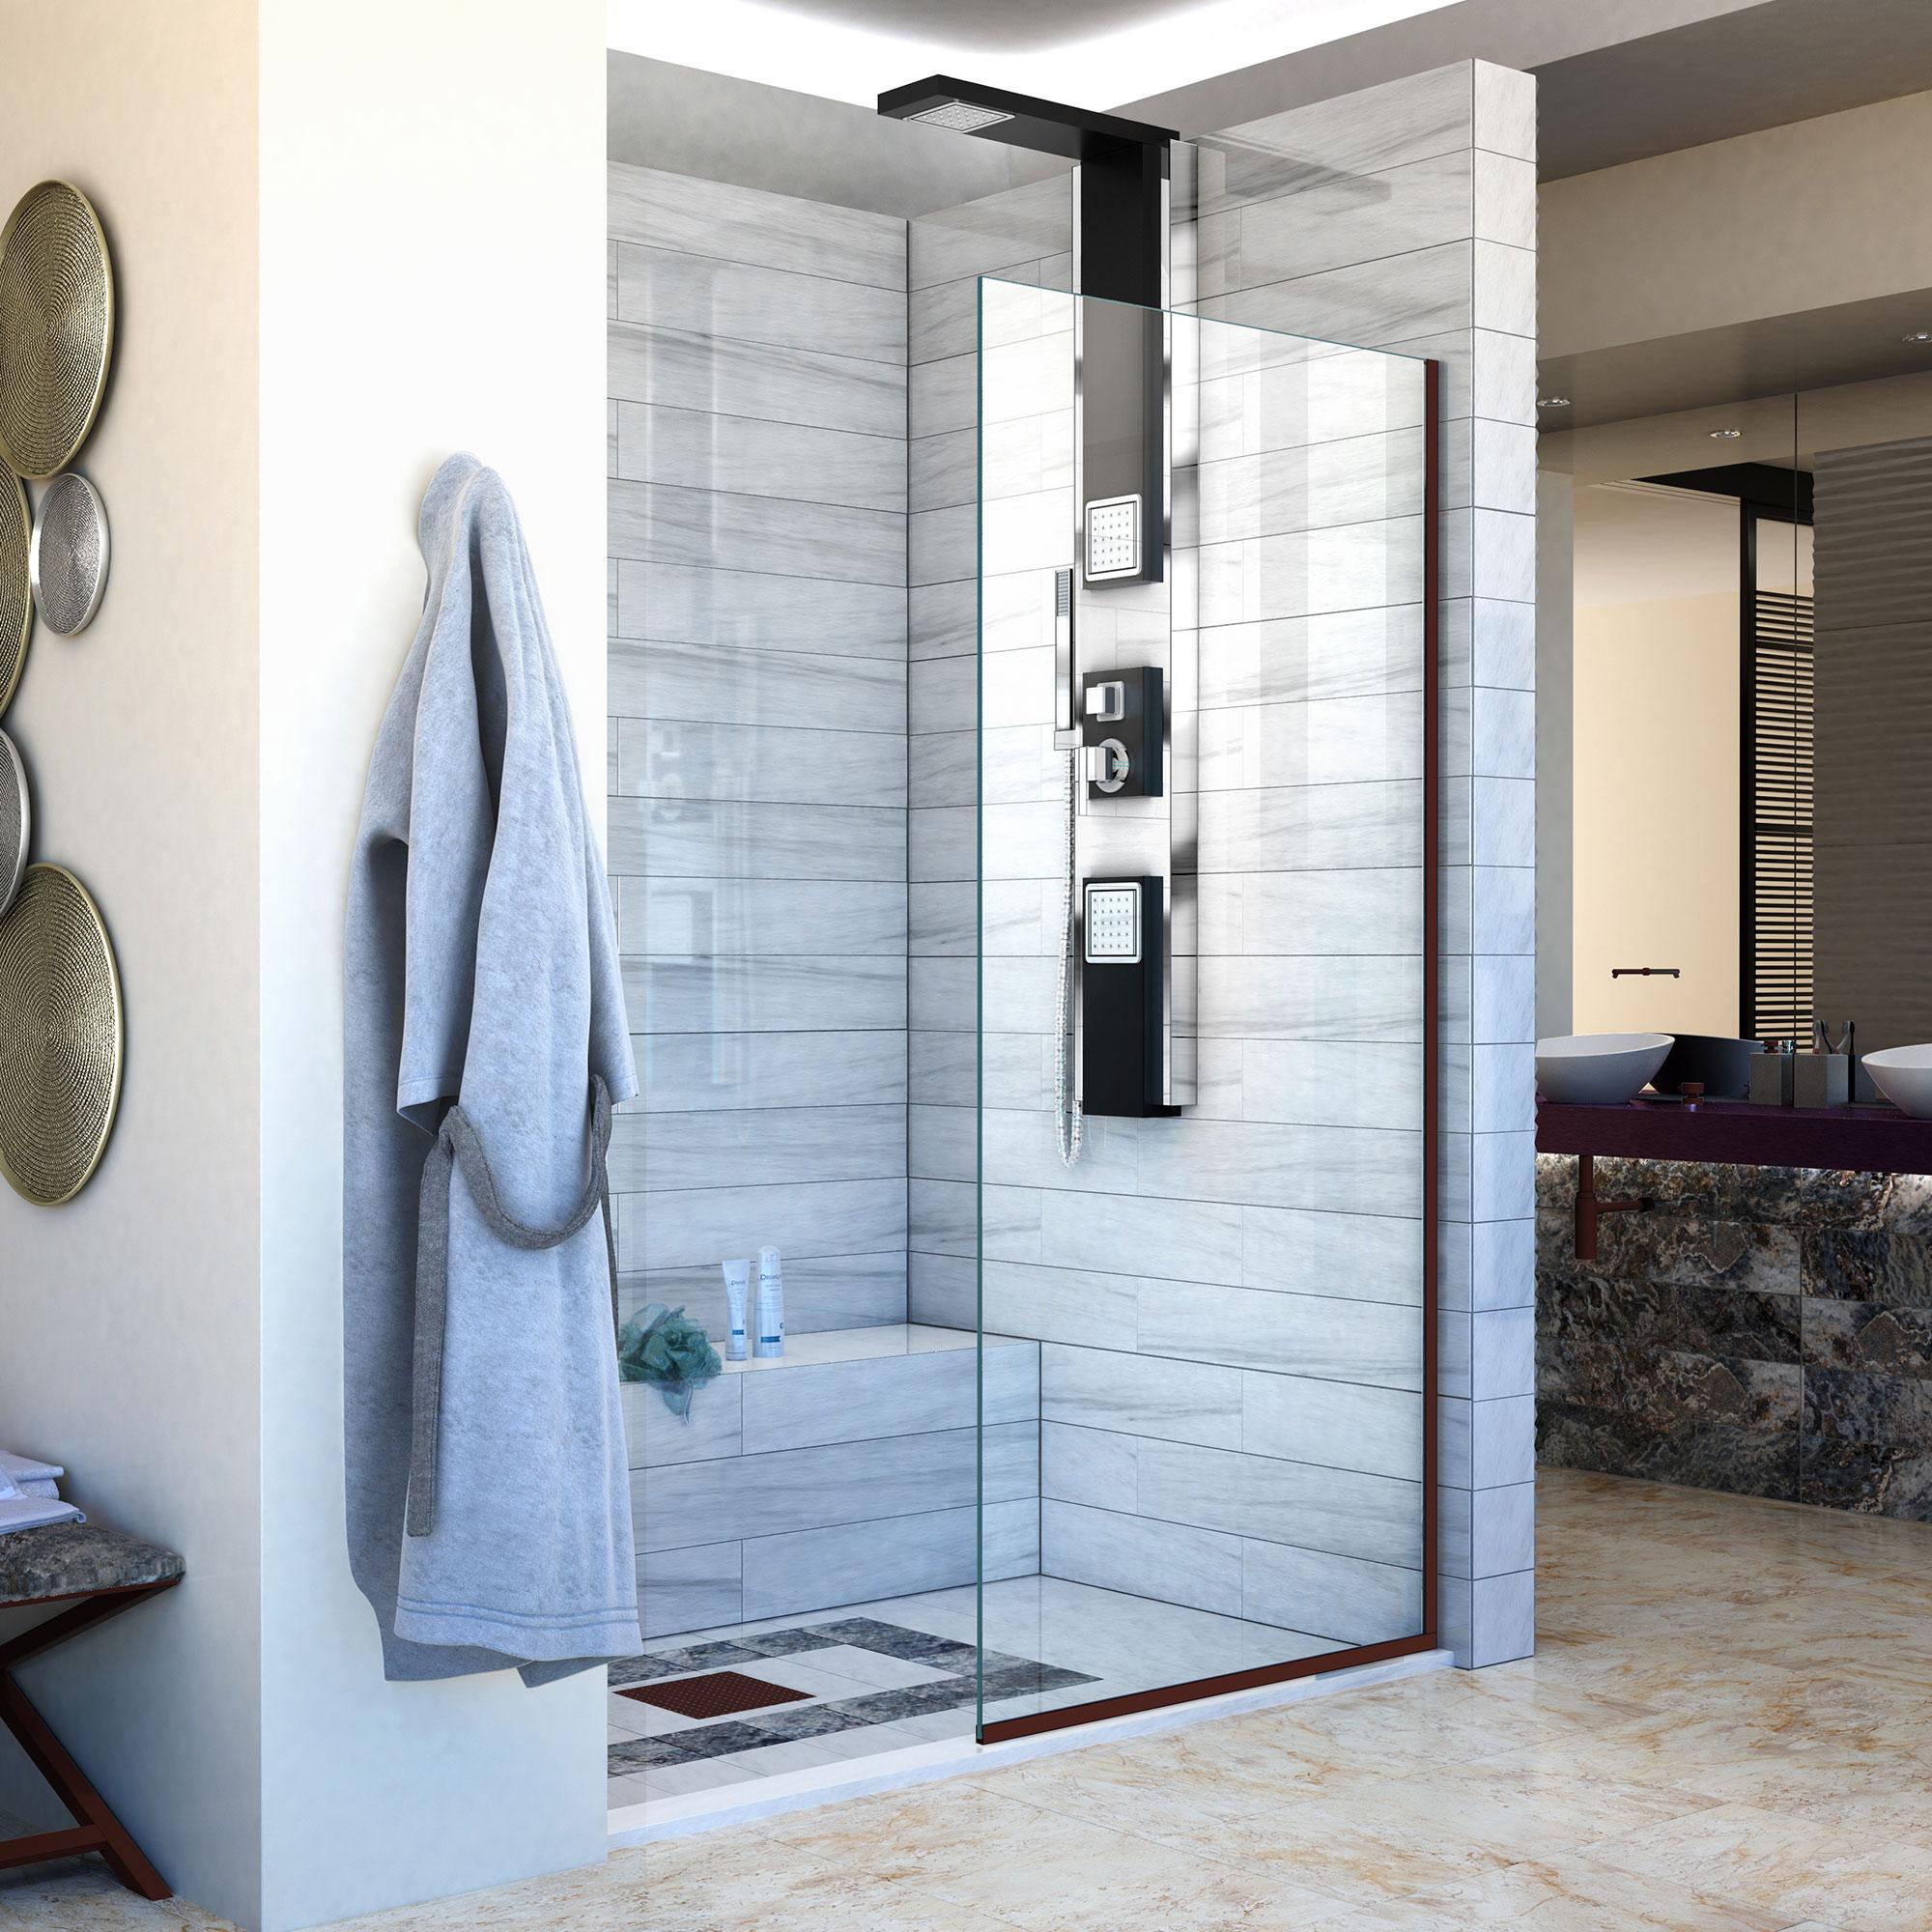 Only $642.13 DreamLine Linea Single Panel Frameless Shower Screen 34 ...